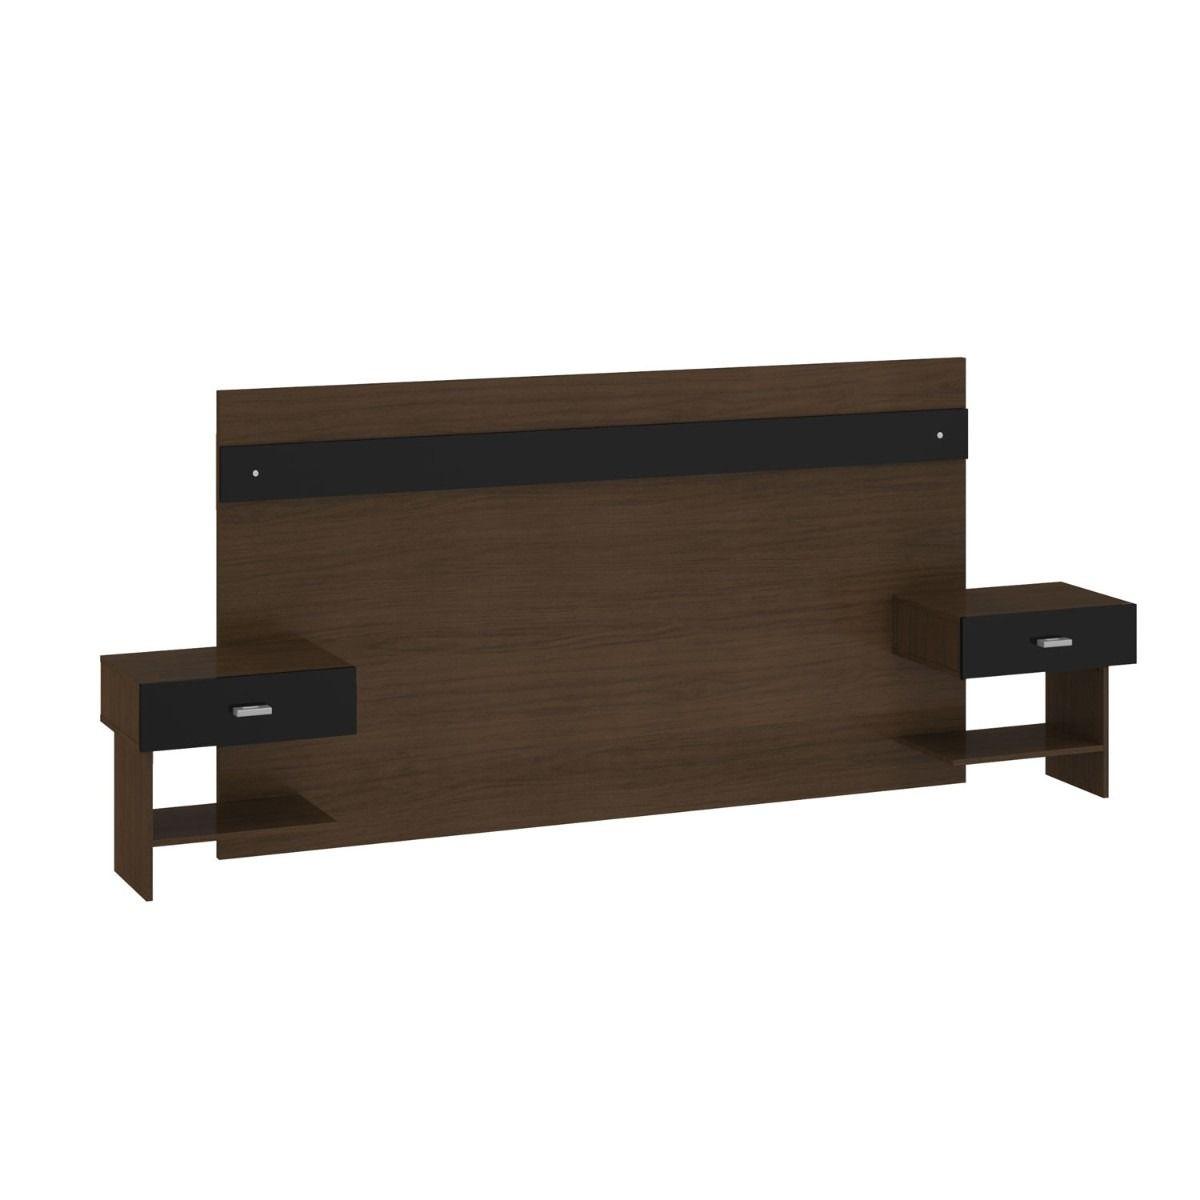 respaldo de sommiers cama mesas de luz 2 plazas y 2 1